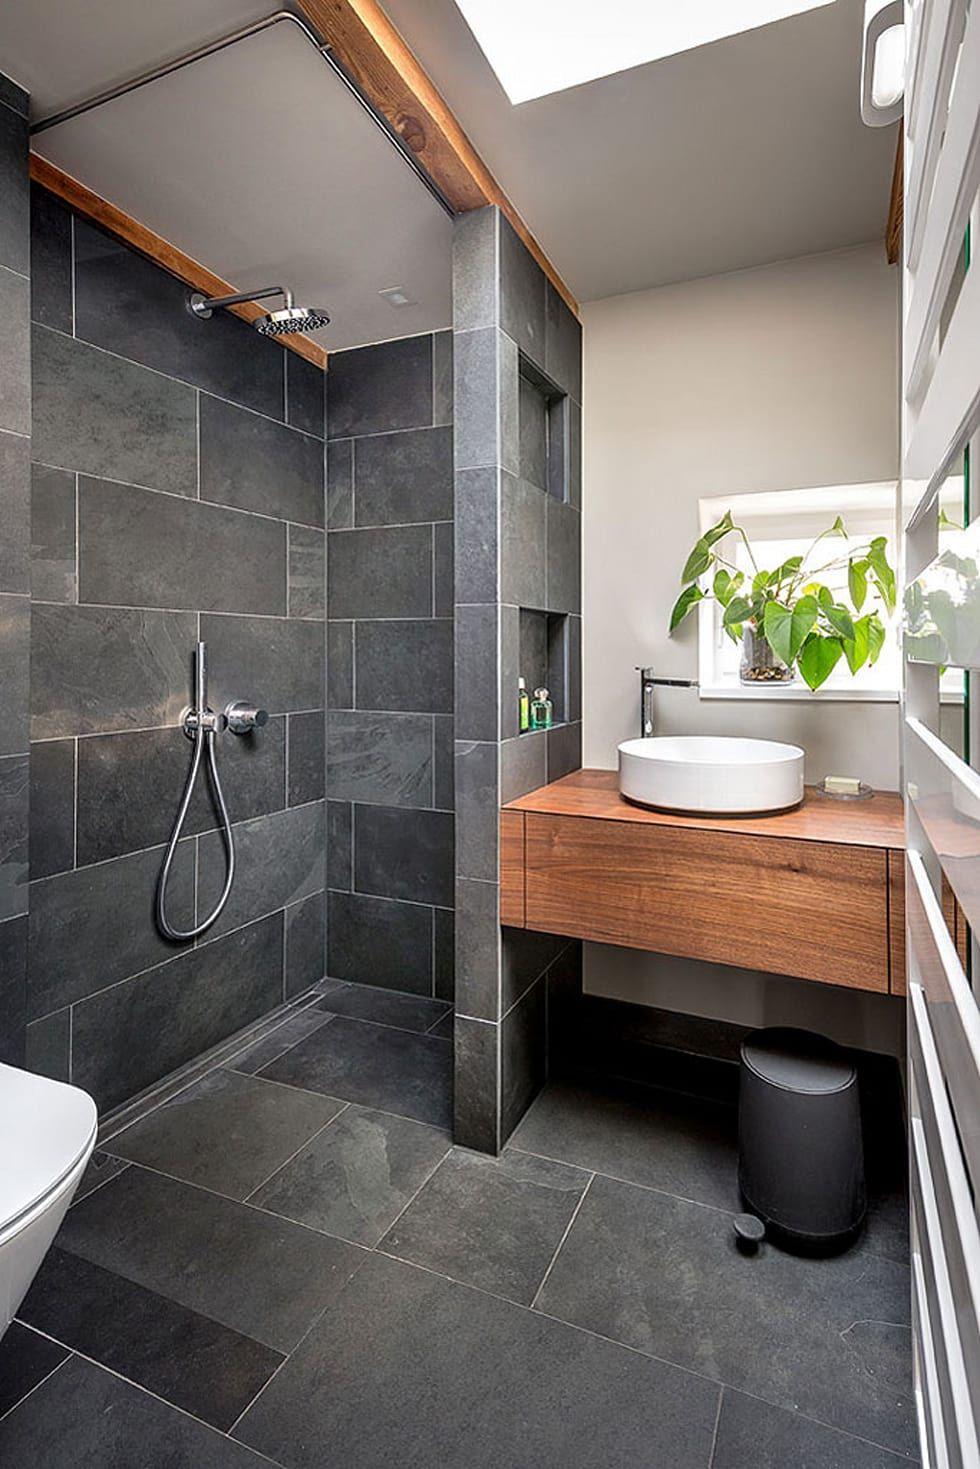 Kleines hotelbadezimmerdesign kleines bad von conscious design  interiors  bathrooms  pinterest